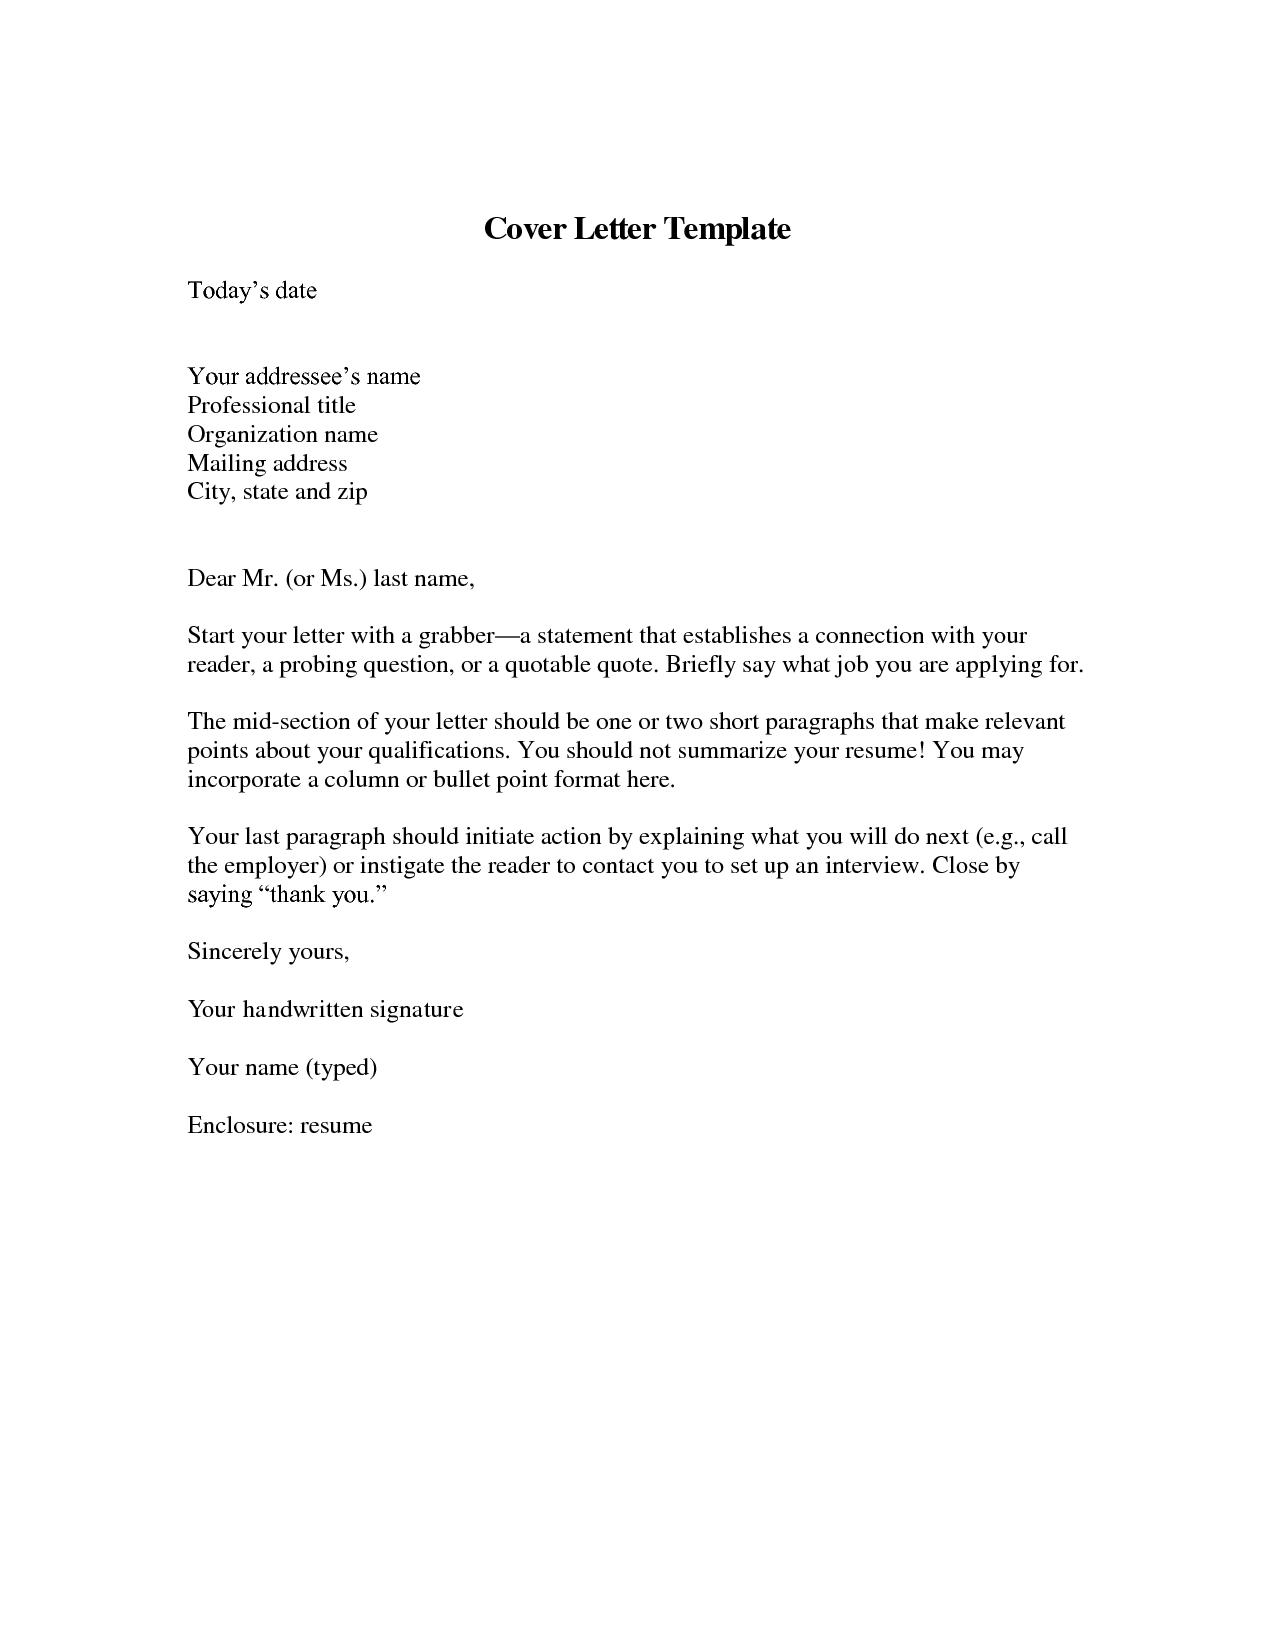 cover letter template resume badak Job application cover